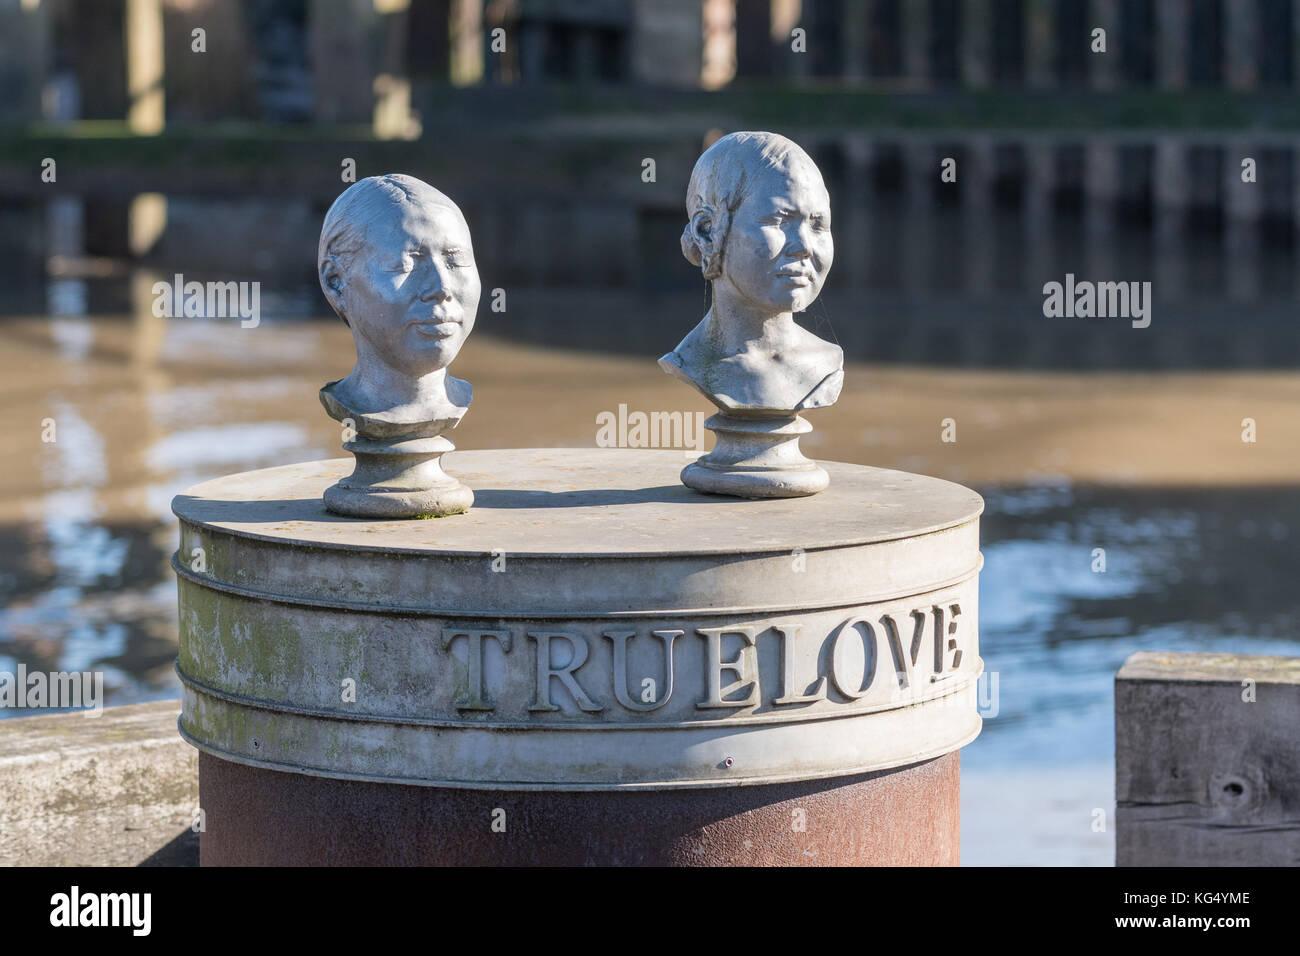 Truelove vero amore scultura di Stefan gec, Kingston upon Hull, England, Regno Unito Immagini Stock